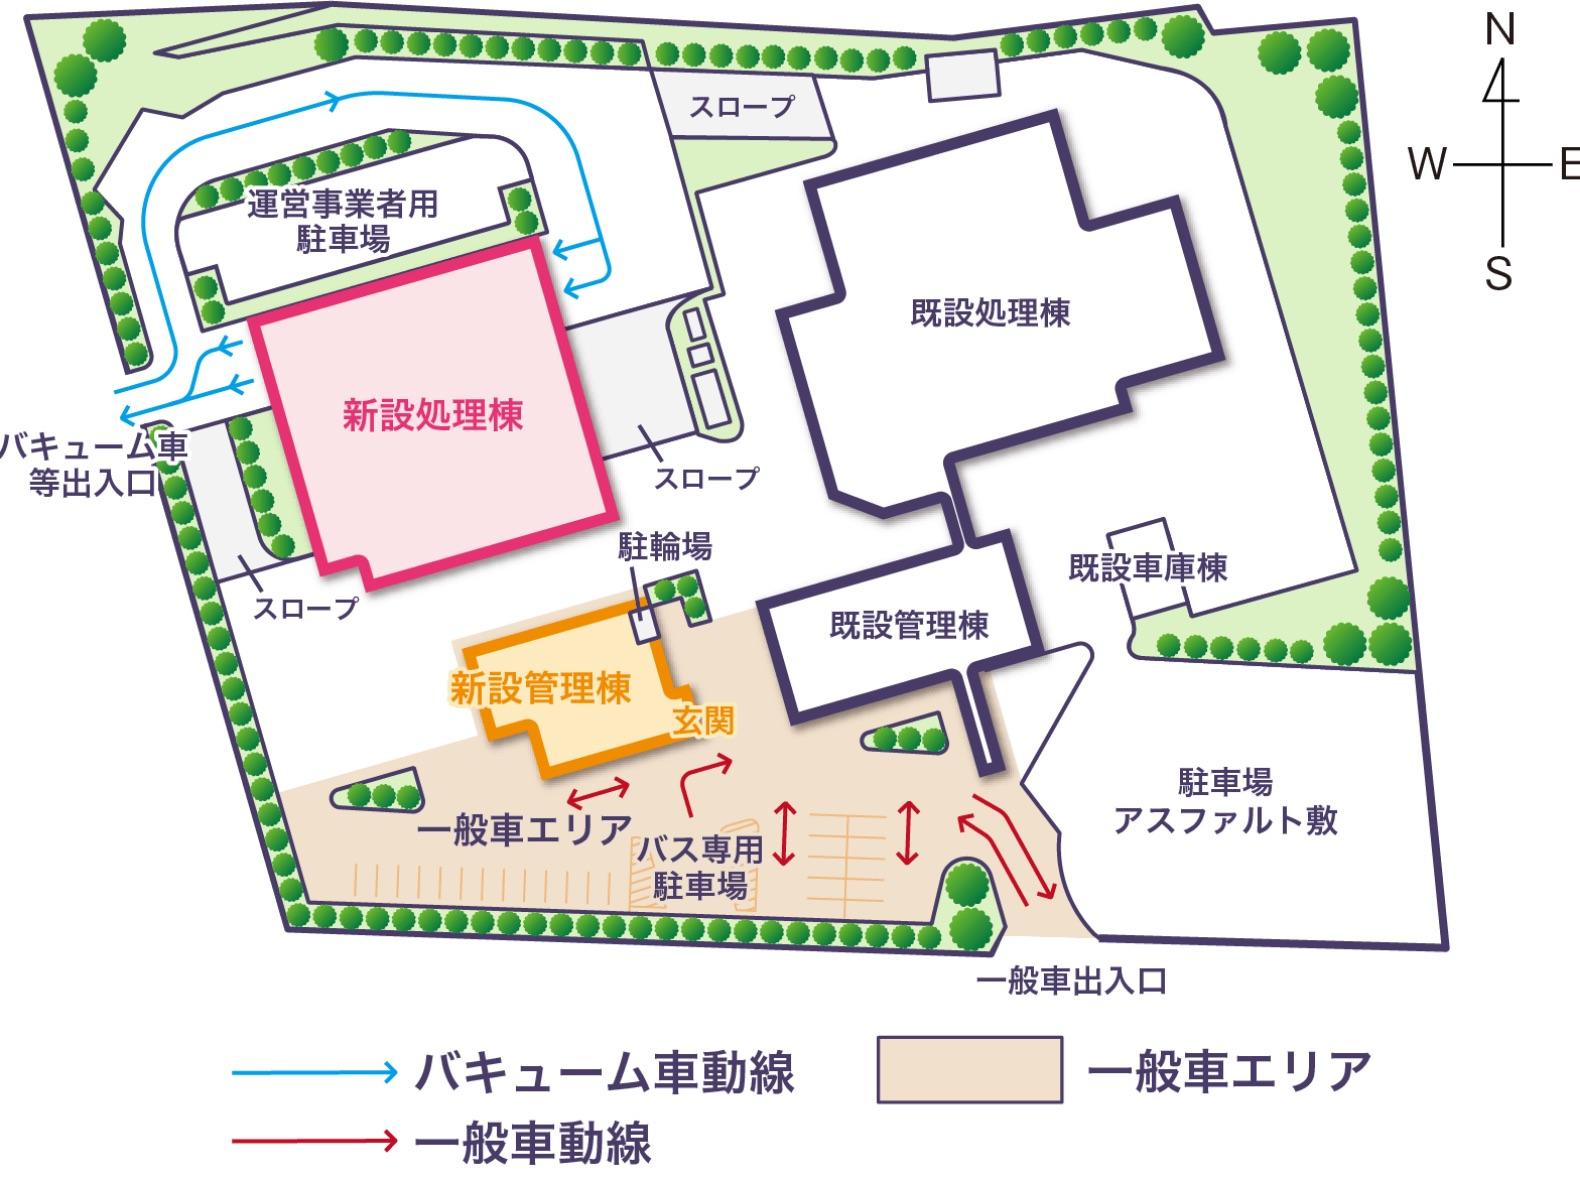 施設全体の地図